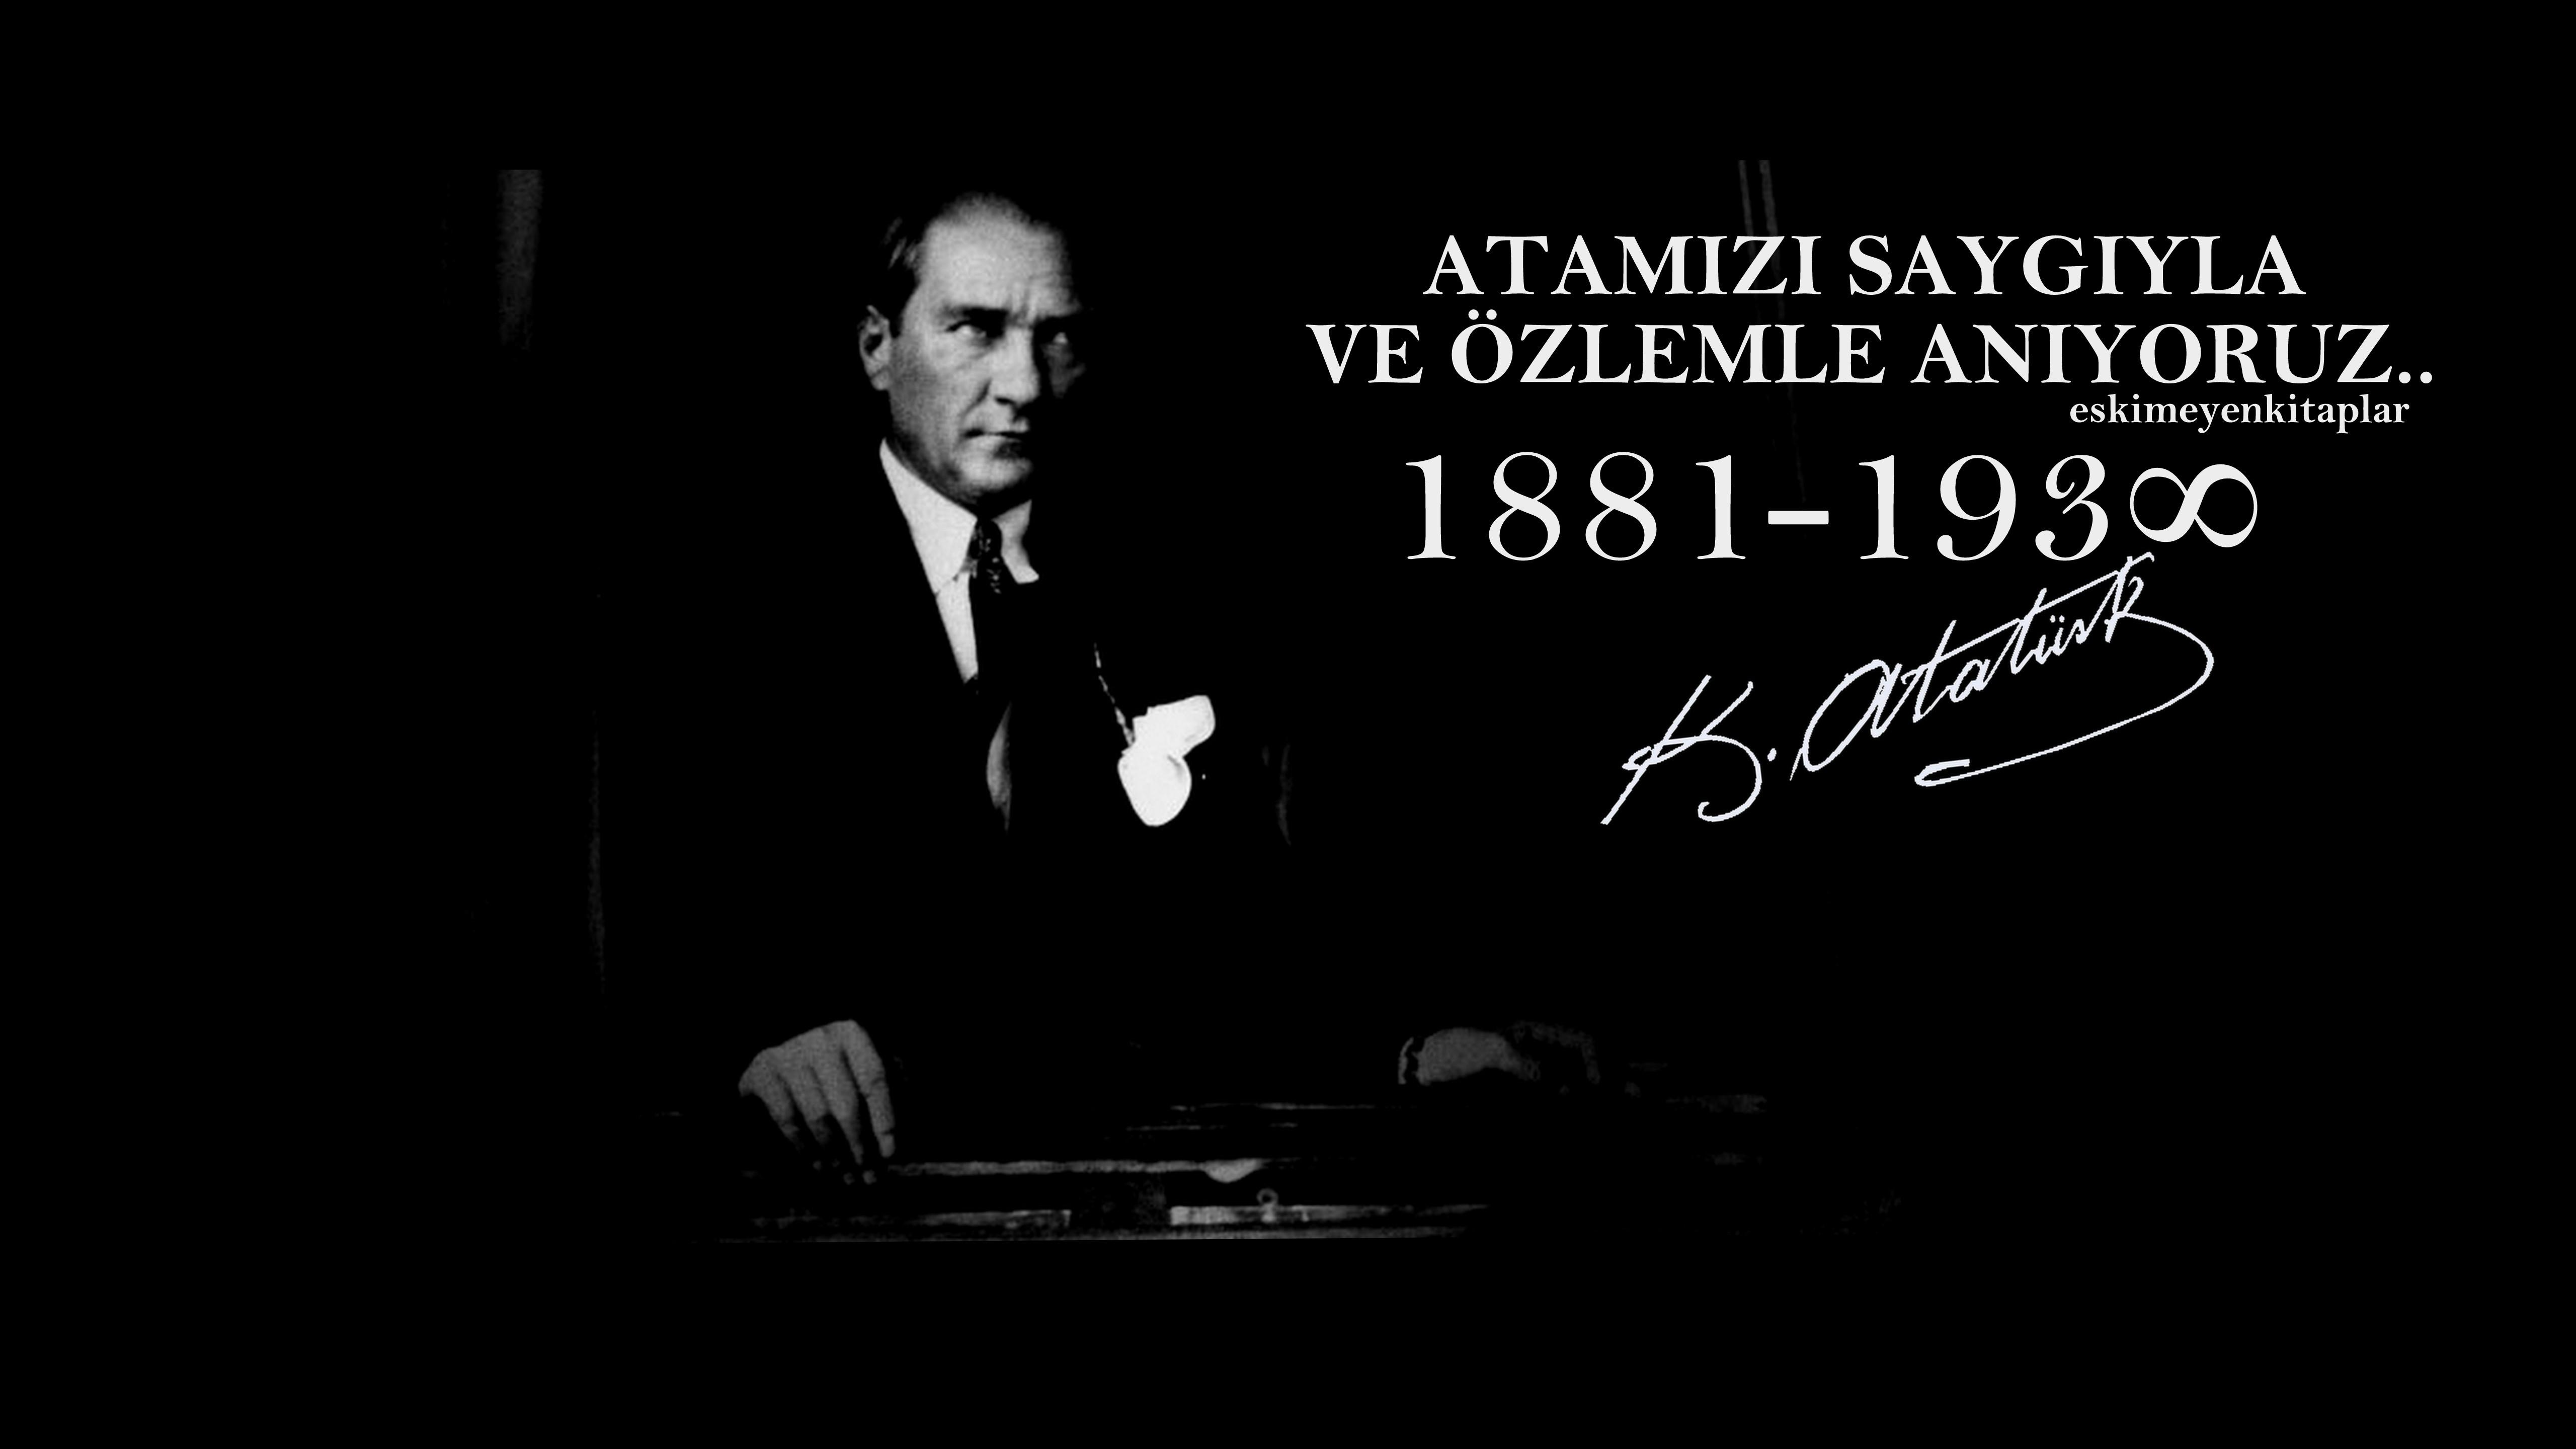 Atatürk 10 Kasım Fotoğrafları